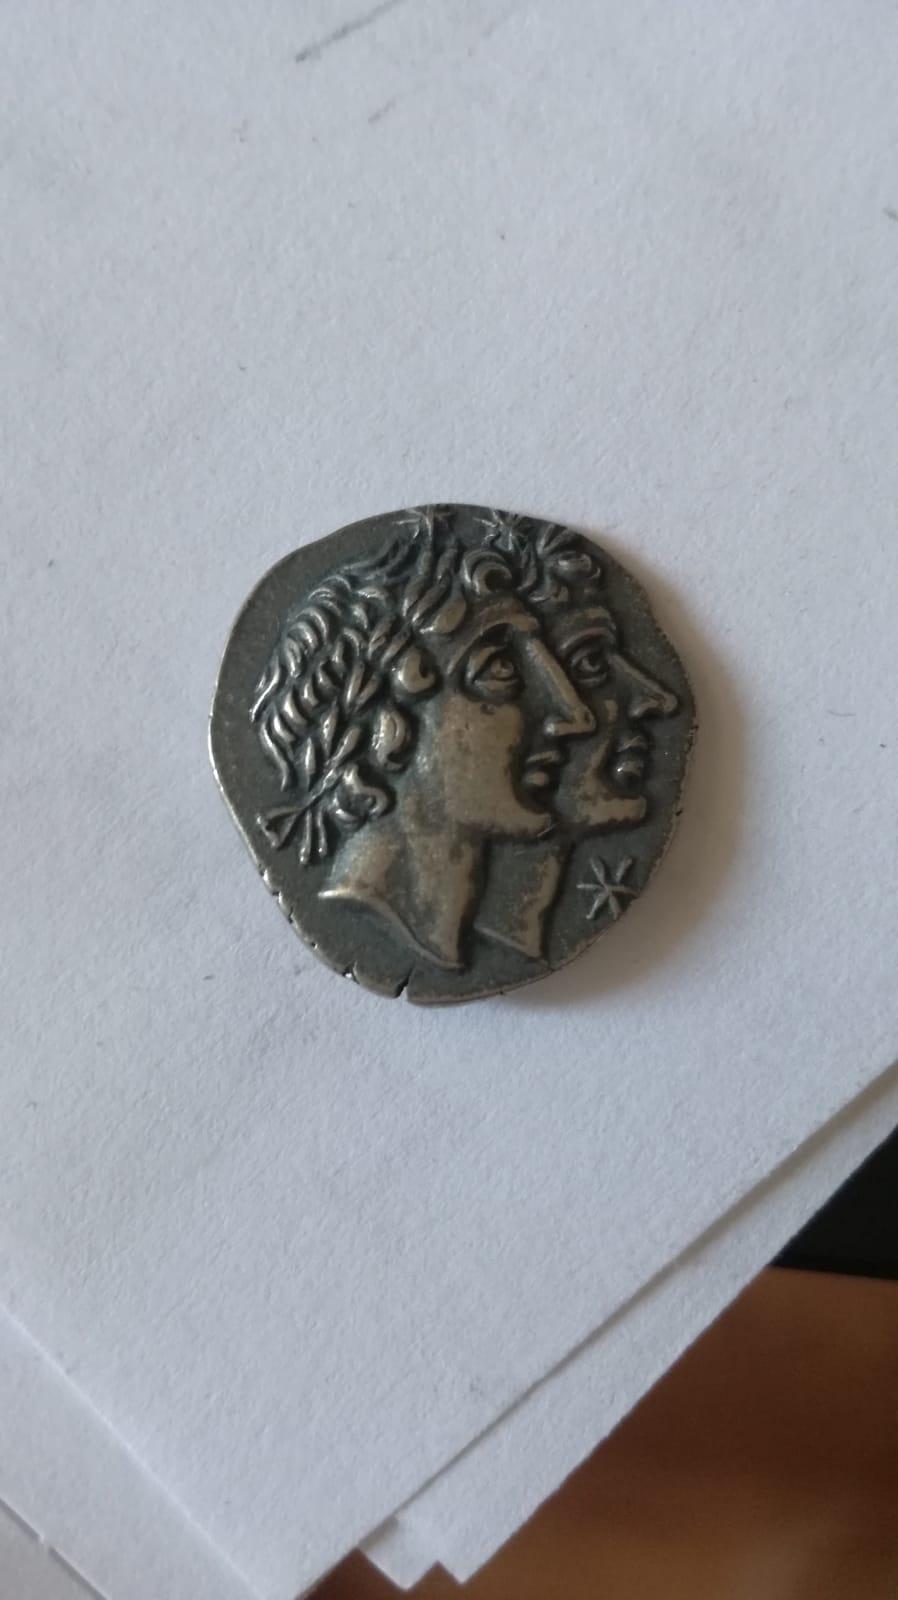 Denario de Gens Fonteia, Manus Fonteius, Dioscuros en anverso y galera en reverso 111